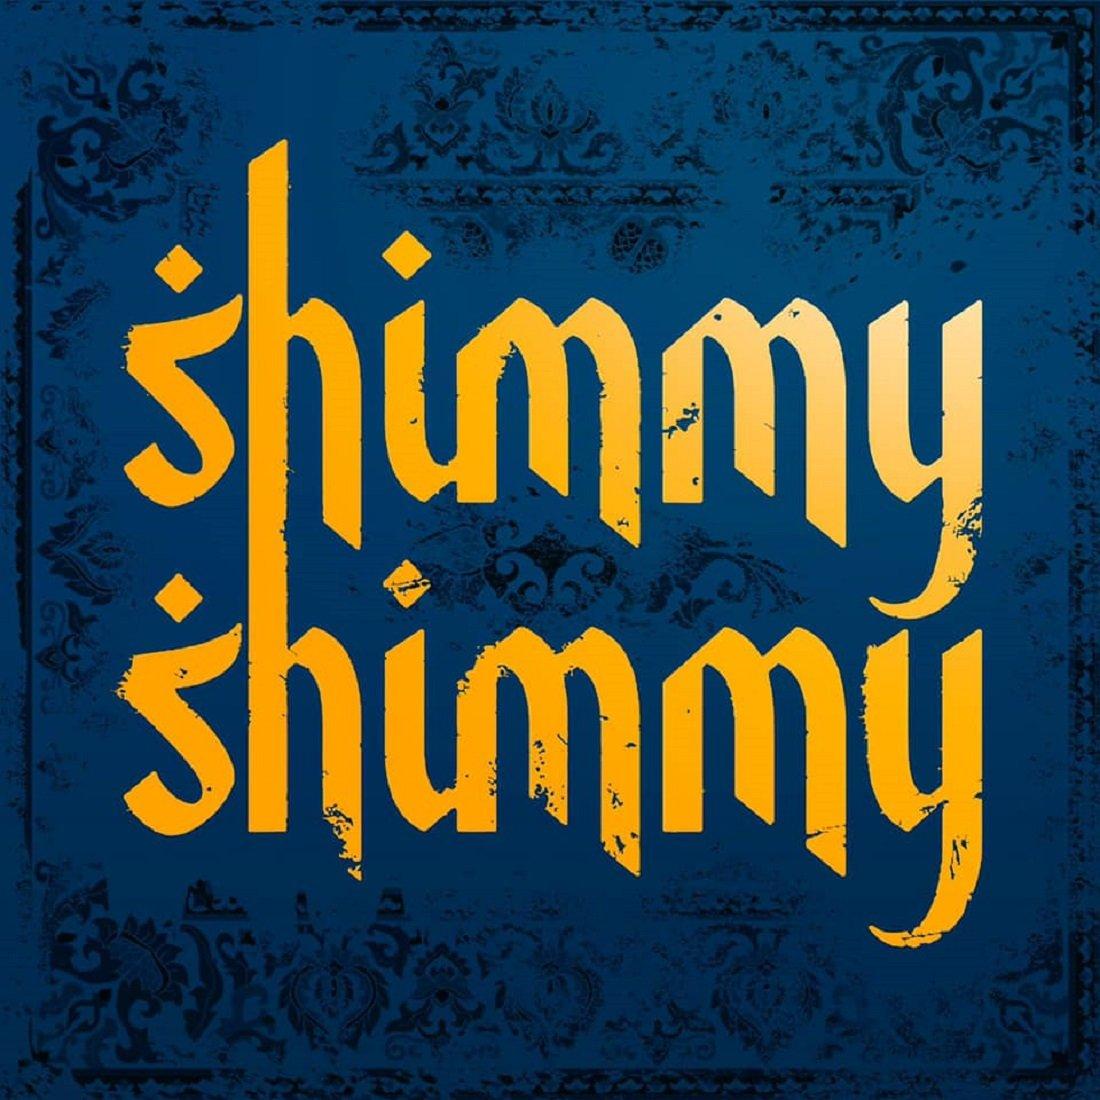 Giusy Ferreri SHIMMY SHIMMY